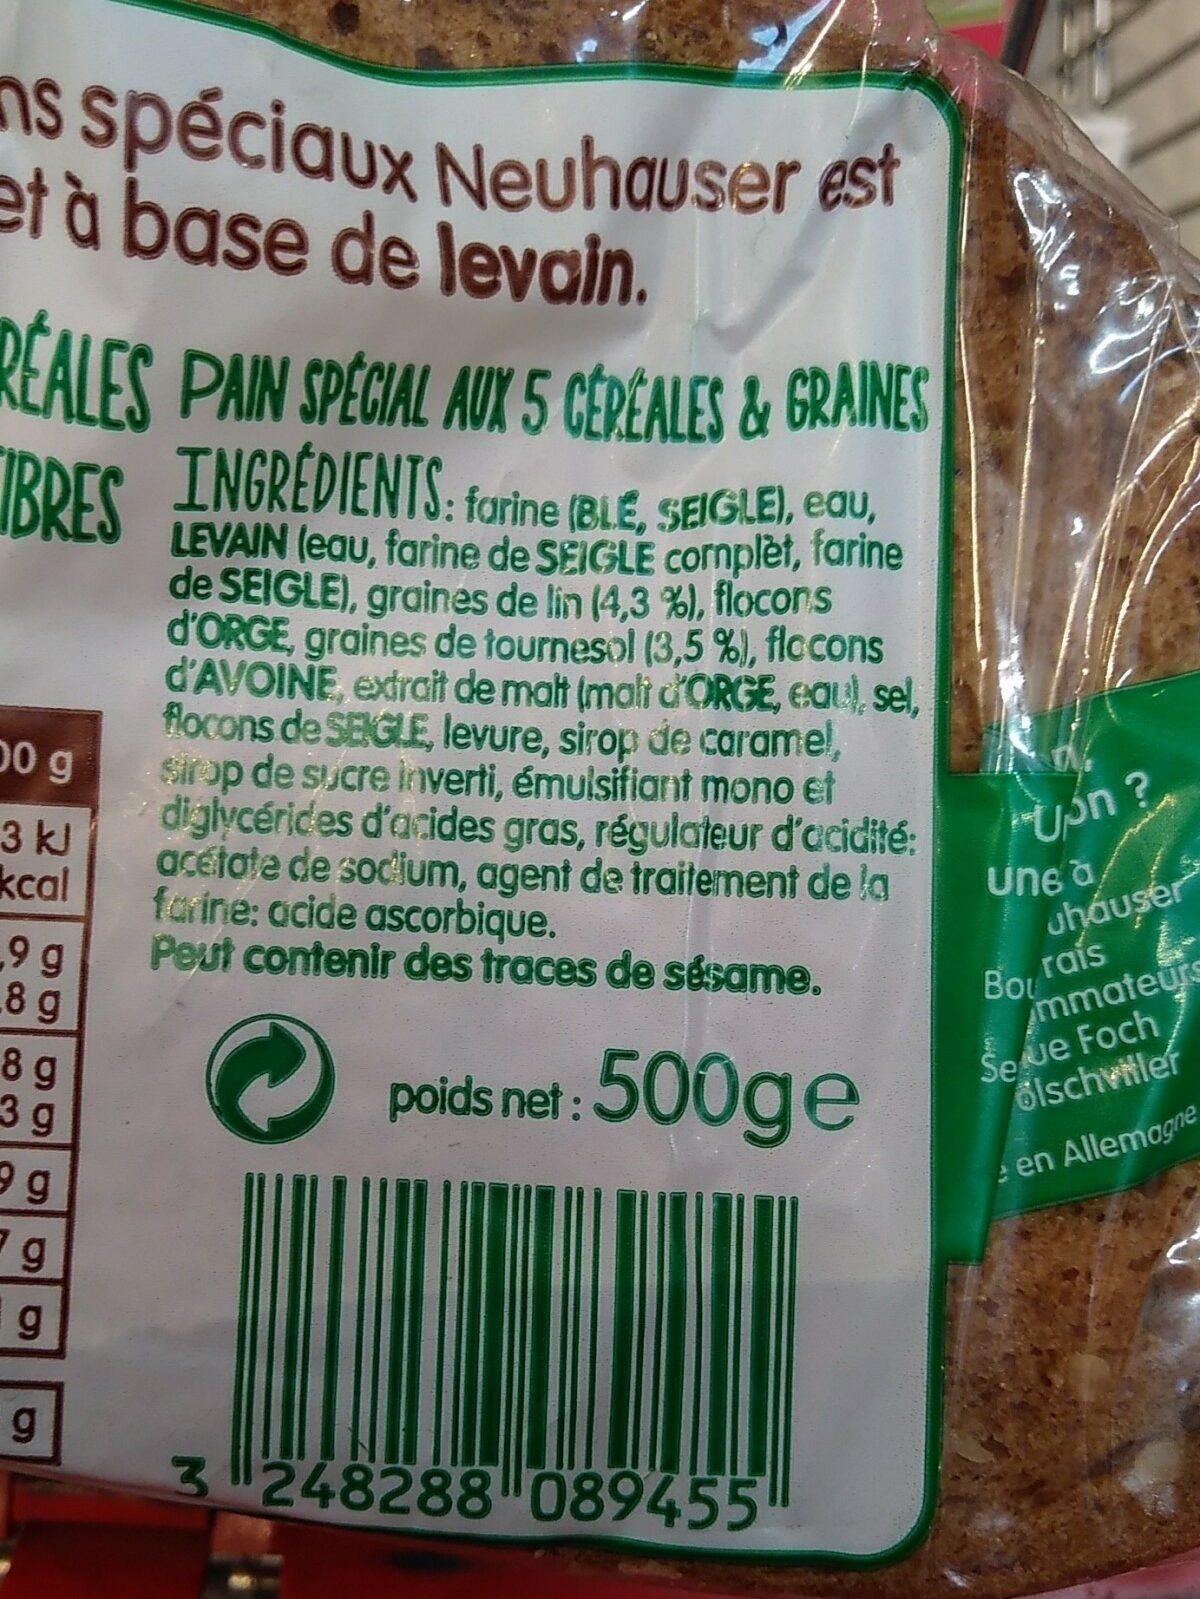 Pain au levain 5 céréales & graines - Ingredients - fr